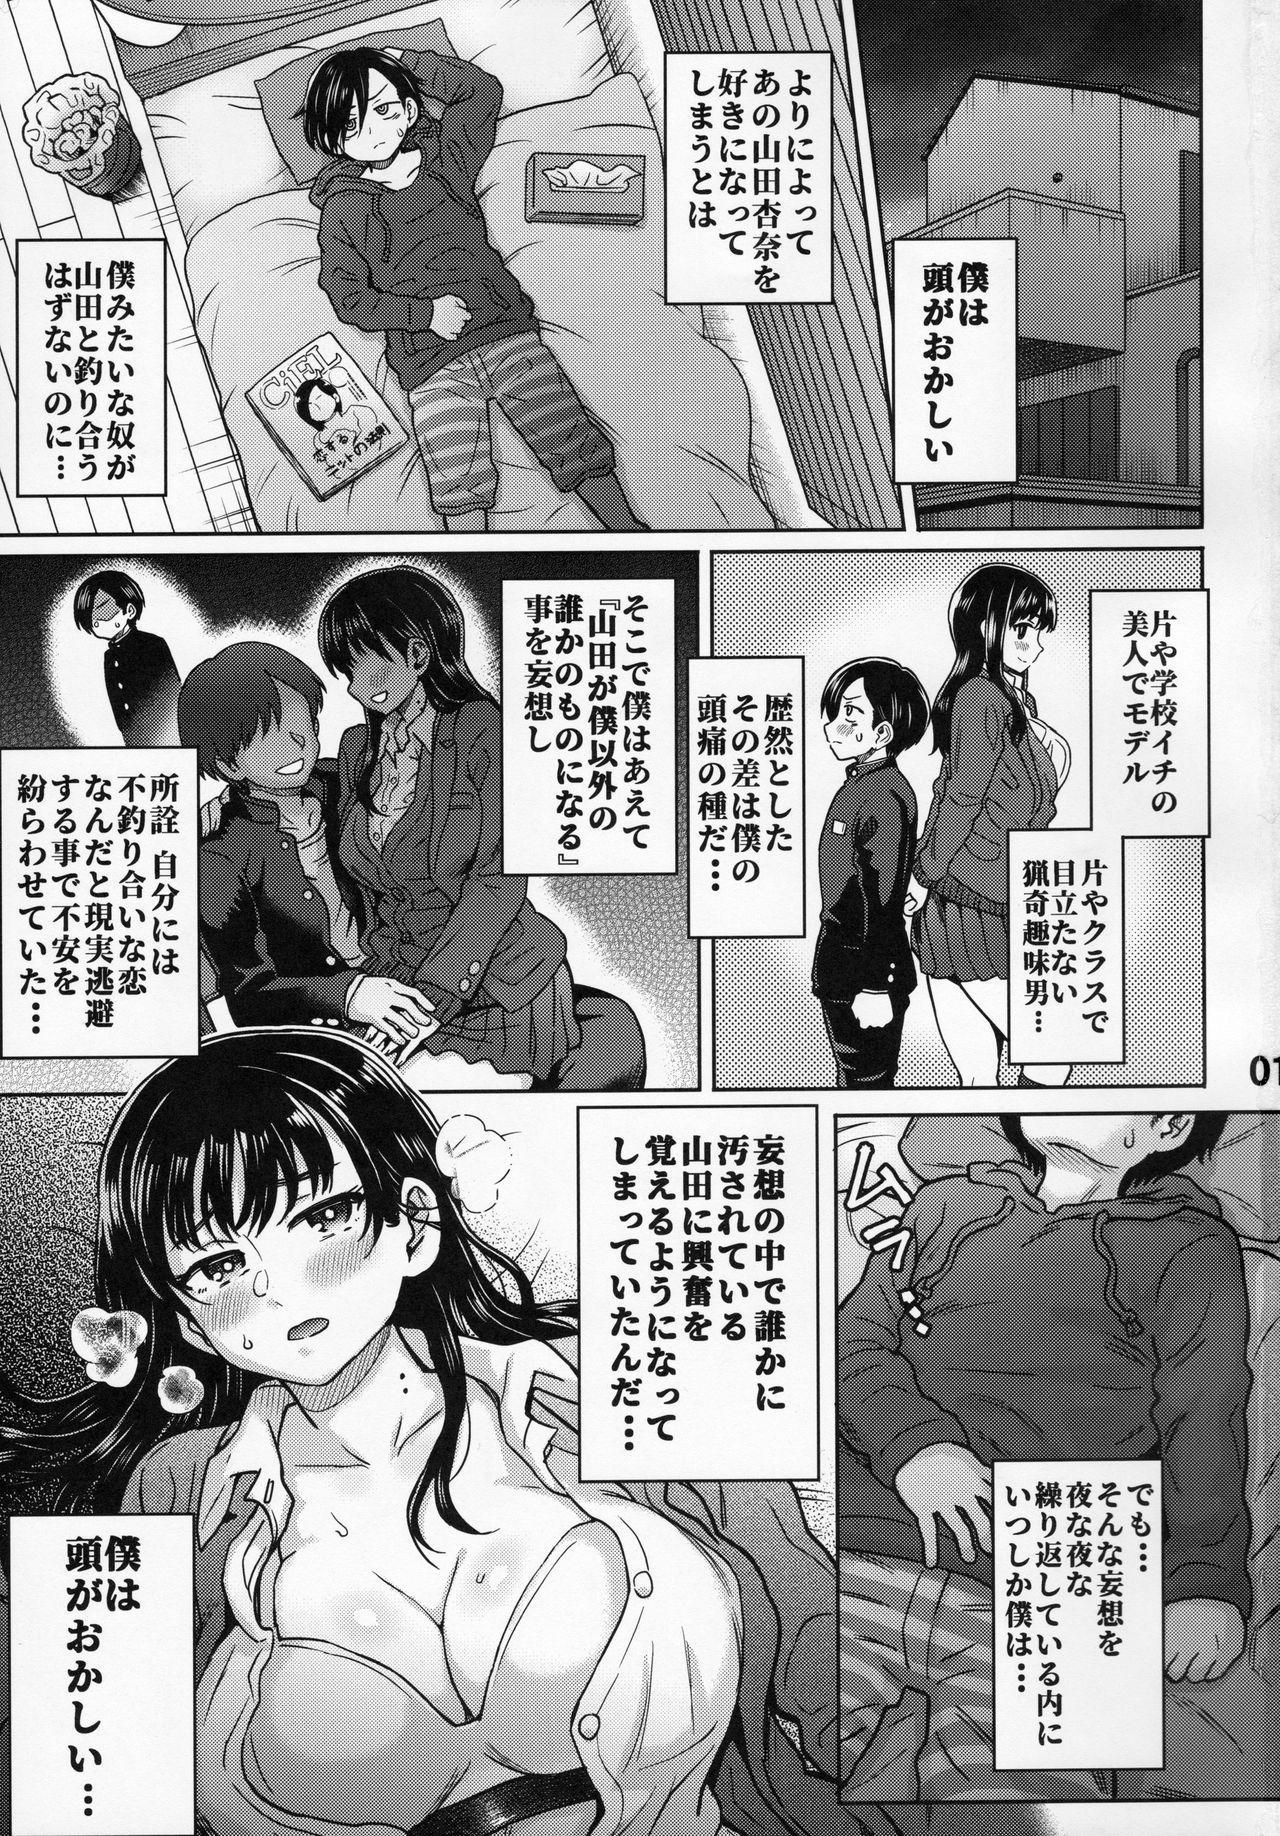 [Eight Beat (Itou Eight)] Boku no Kokoro no NTR (Yabai) Mousou (Boku no Kokoro no Yabai Yatsu) 1